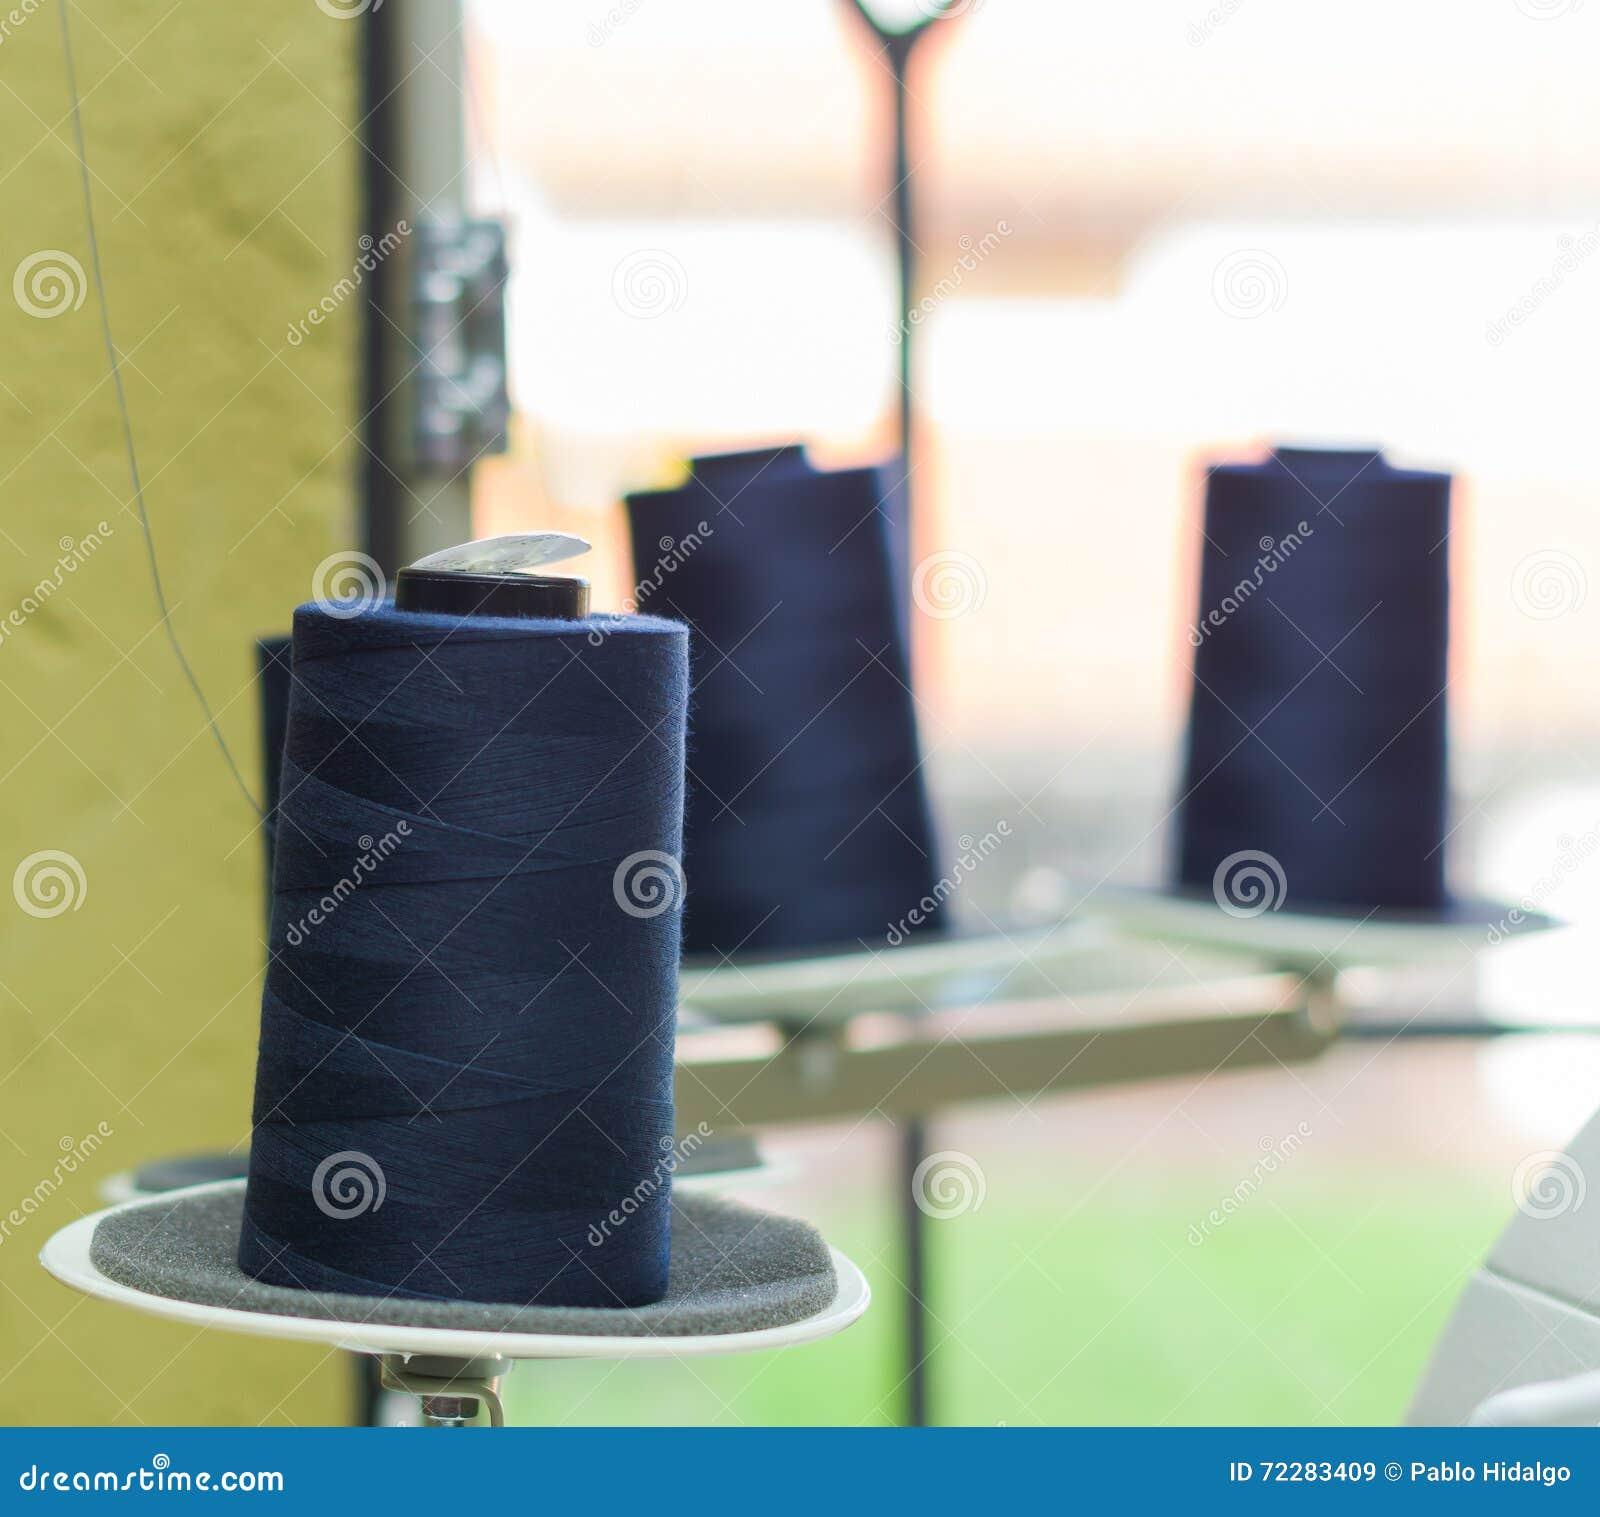 Download Голубая катышка потока готовая быть использованным в швейной машине, за другими катышками Стоковое Изображение - изображение насчитывающей изготовление, деталь: 72283409